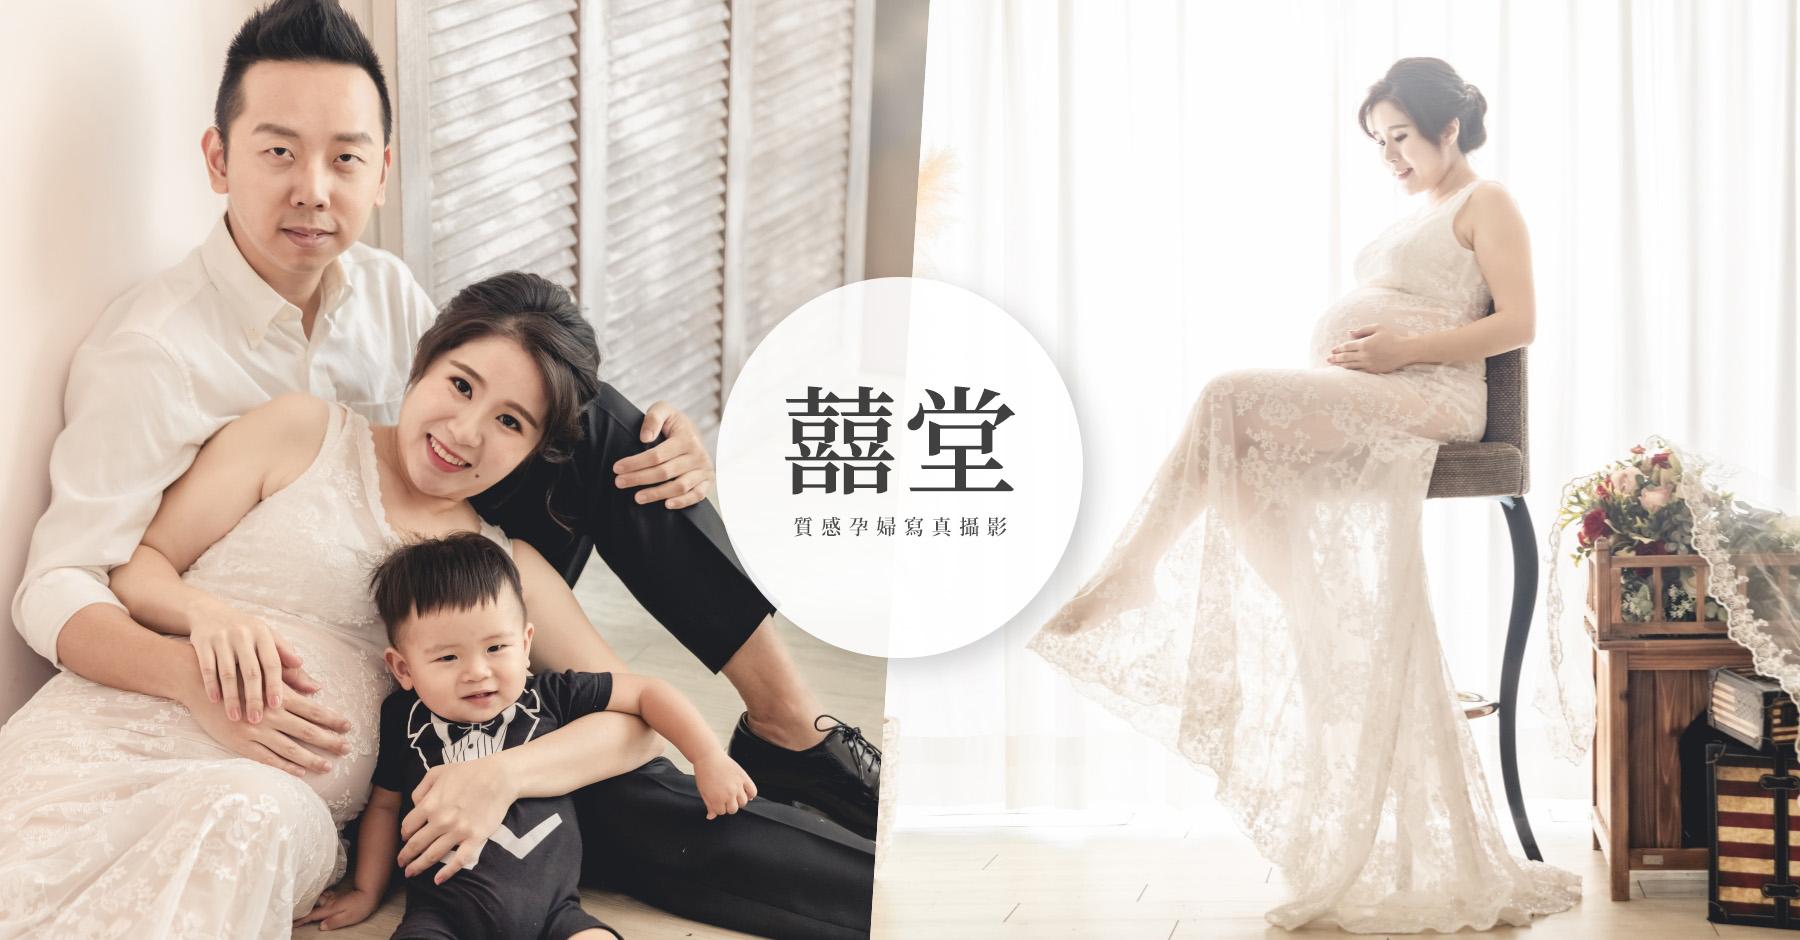 孕婦寫真拍攝心得 宜蘭囍堂婚設影 優雅質感風格服裝造型+週數價錢方案全攻略